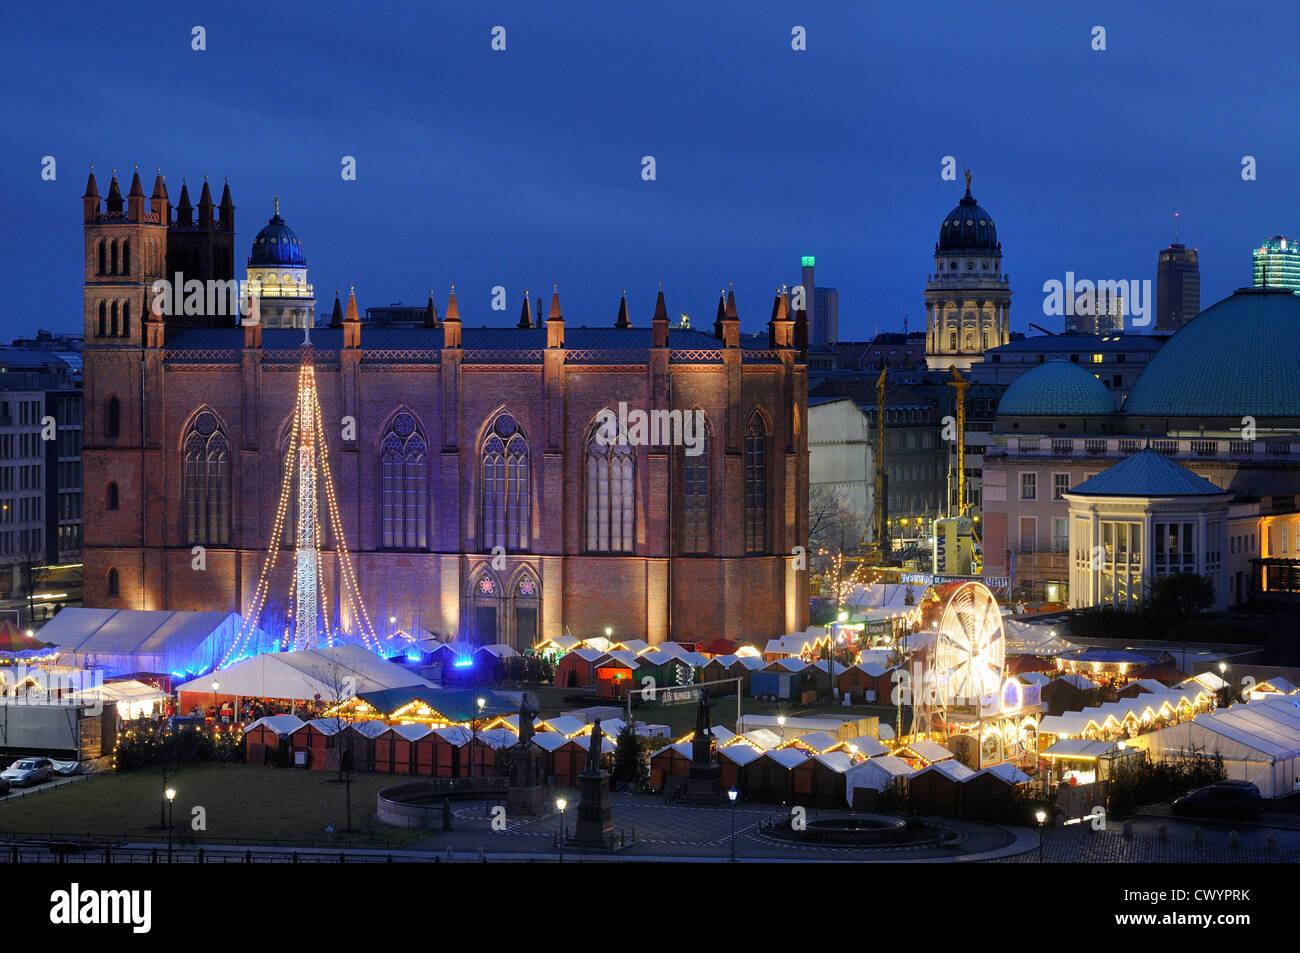 Christmas market at  Opernpalais, Friedrichwerderscher Kirche, Berlin Mitte, Berlin, Deutschland, Europa - Stock Image